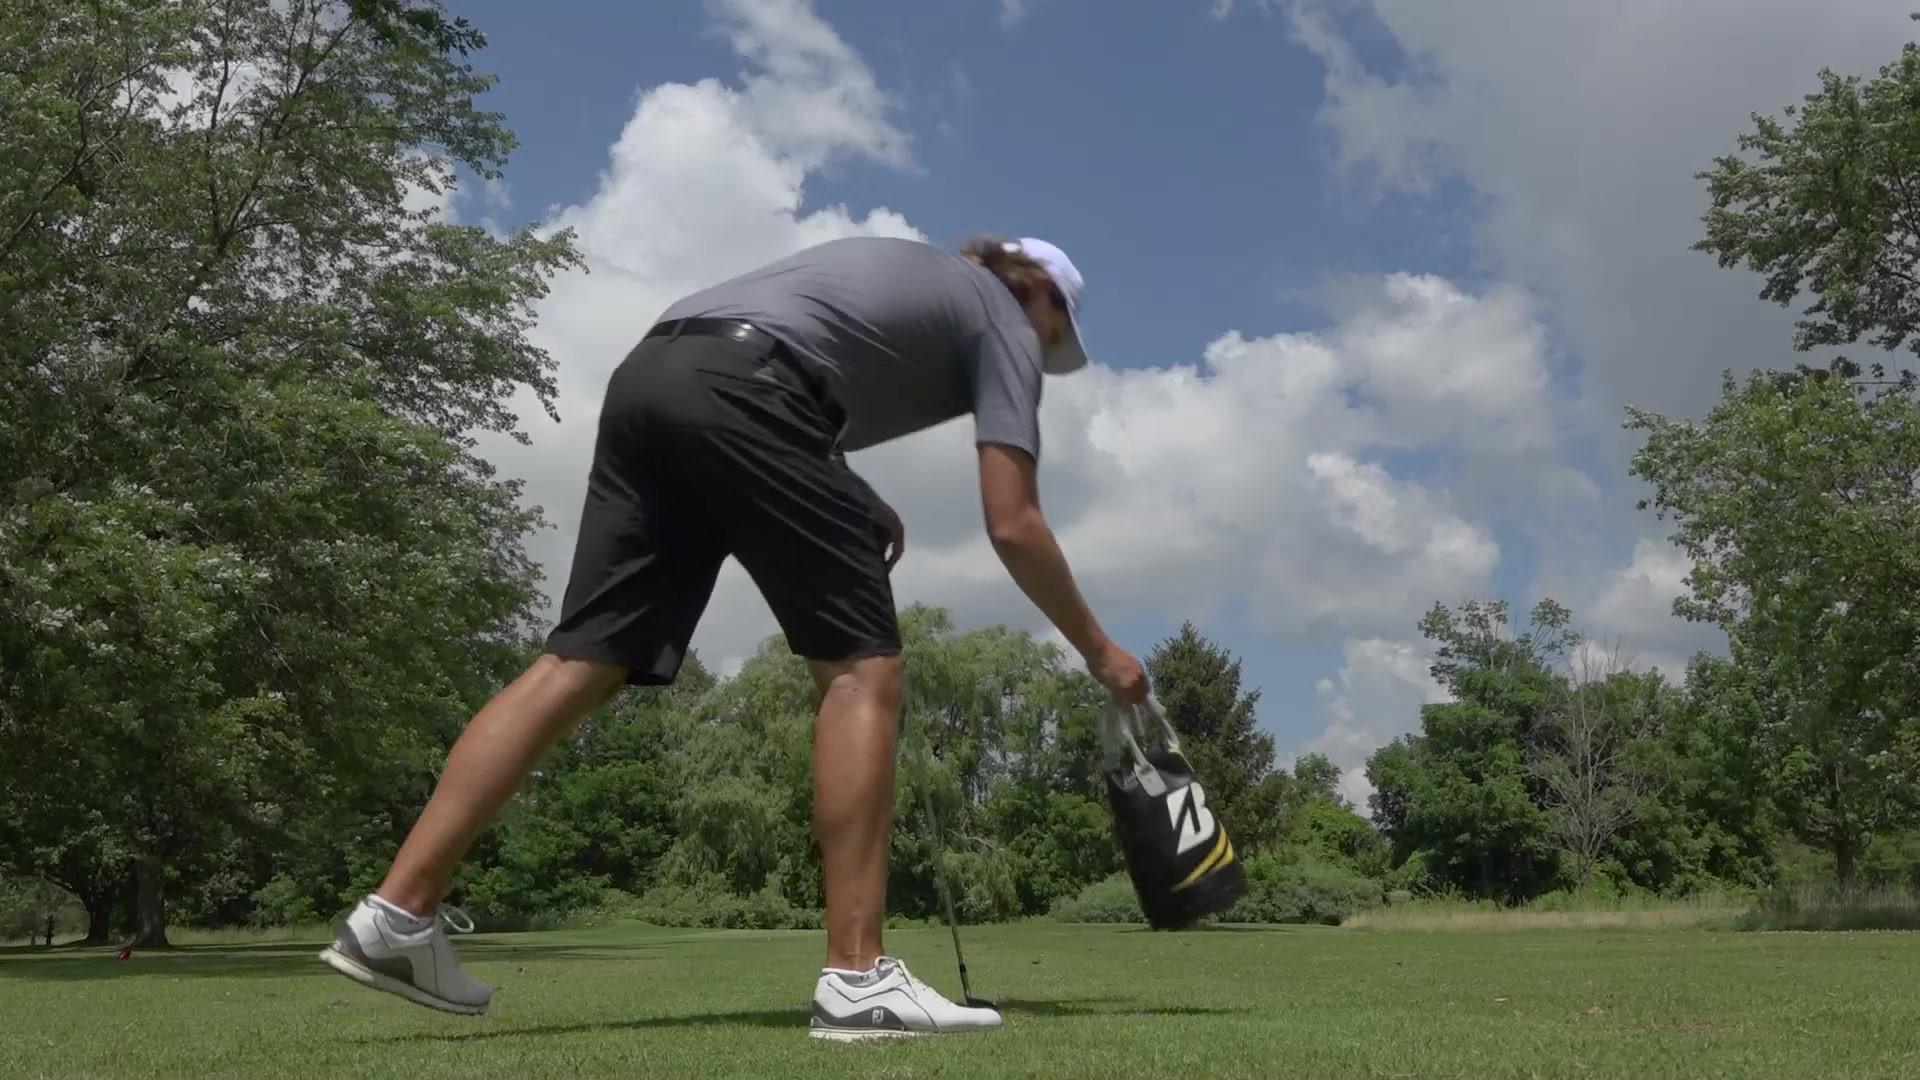 Canadian PGA tour player Michael Blair